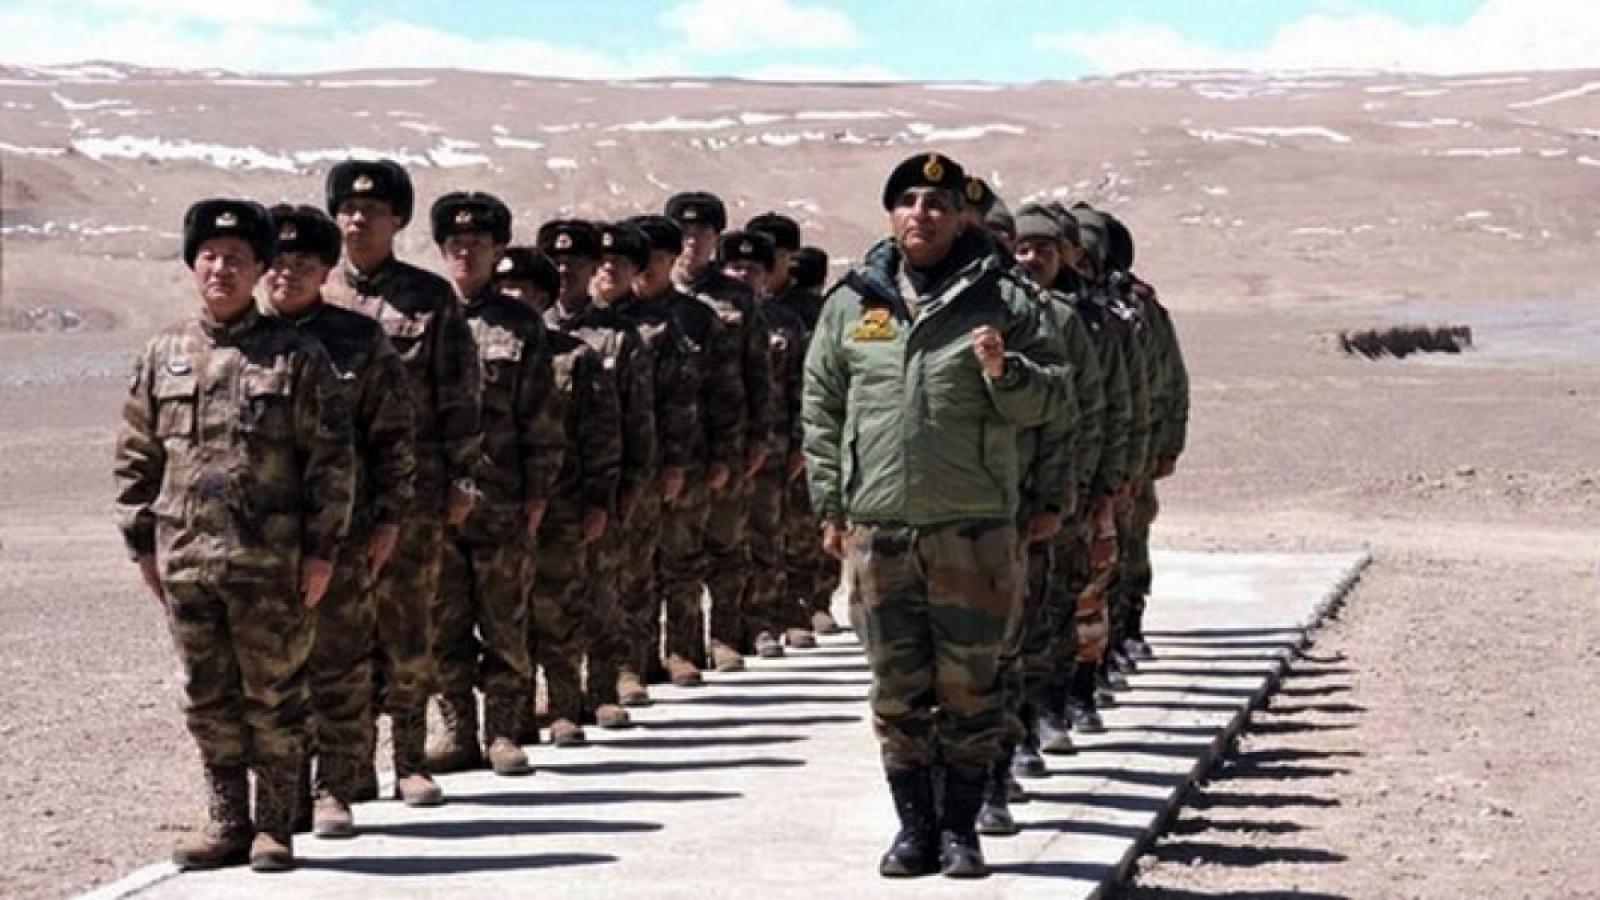 Vòng 11 đàm phán quân sự giữa Ấn Độ - Trung Quốc có thể diễn ra ngày 9/4